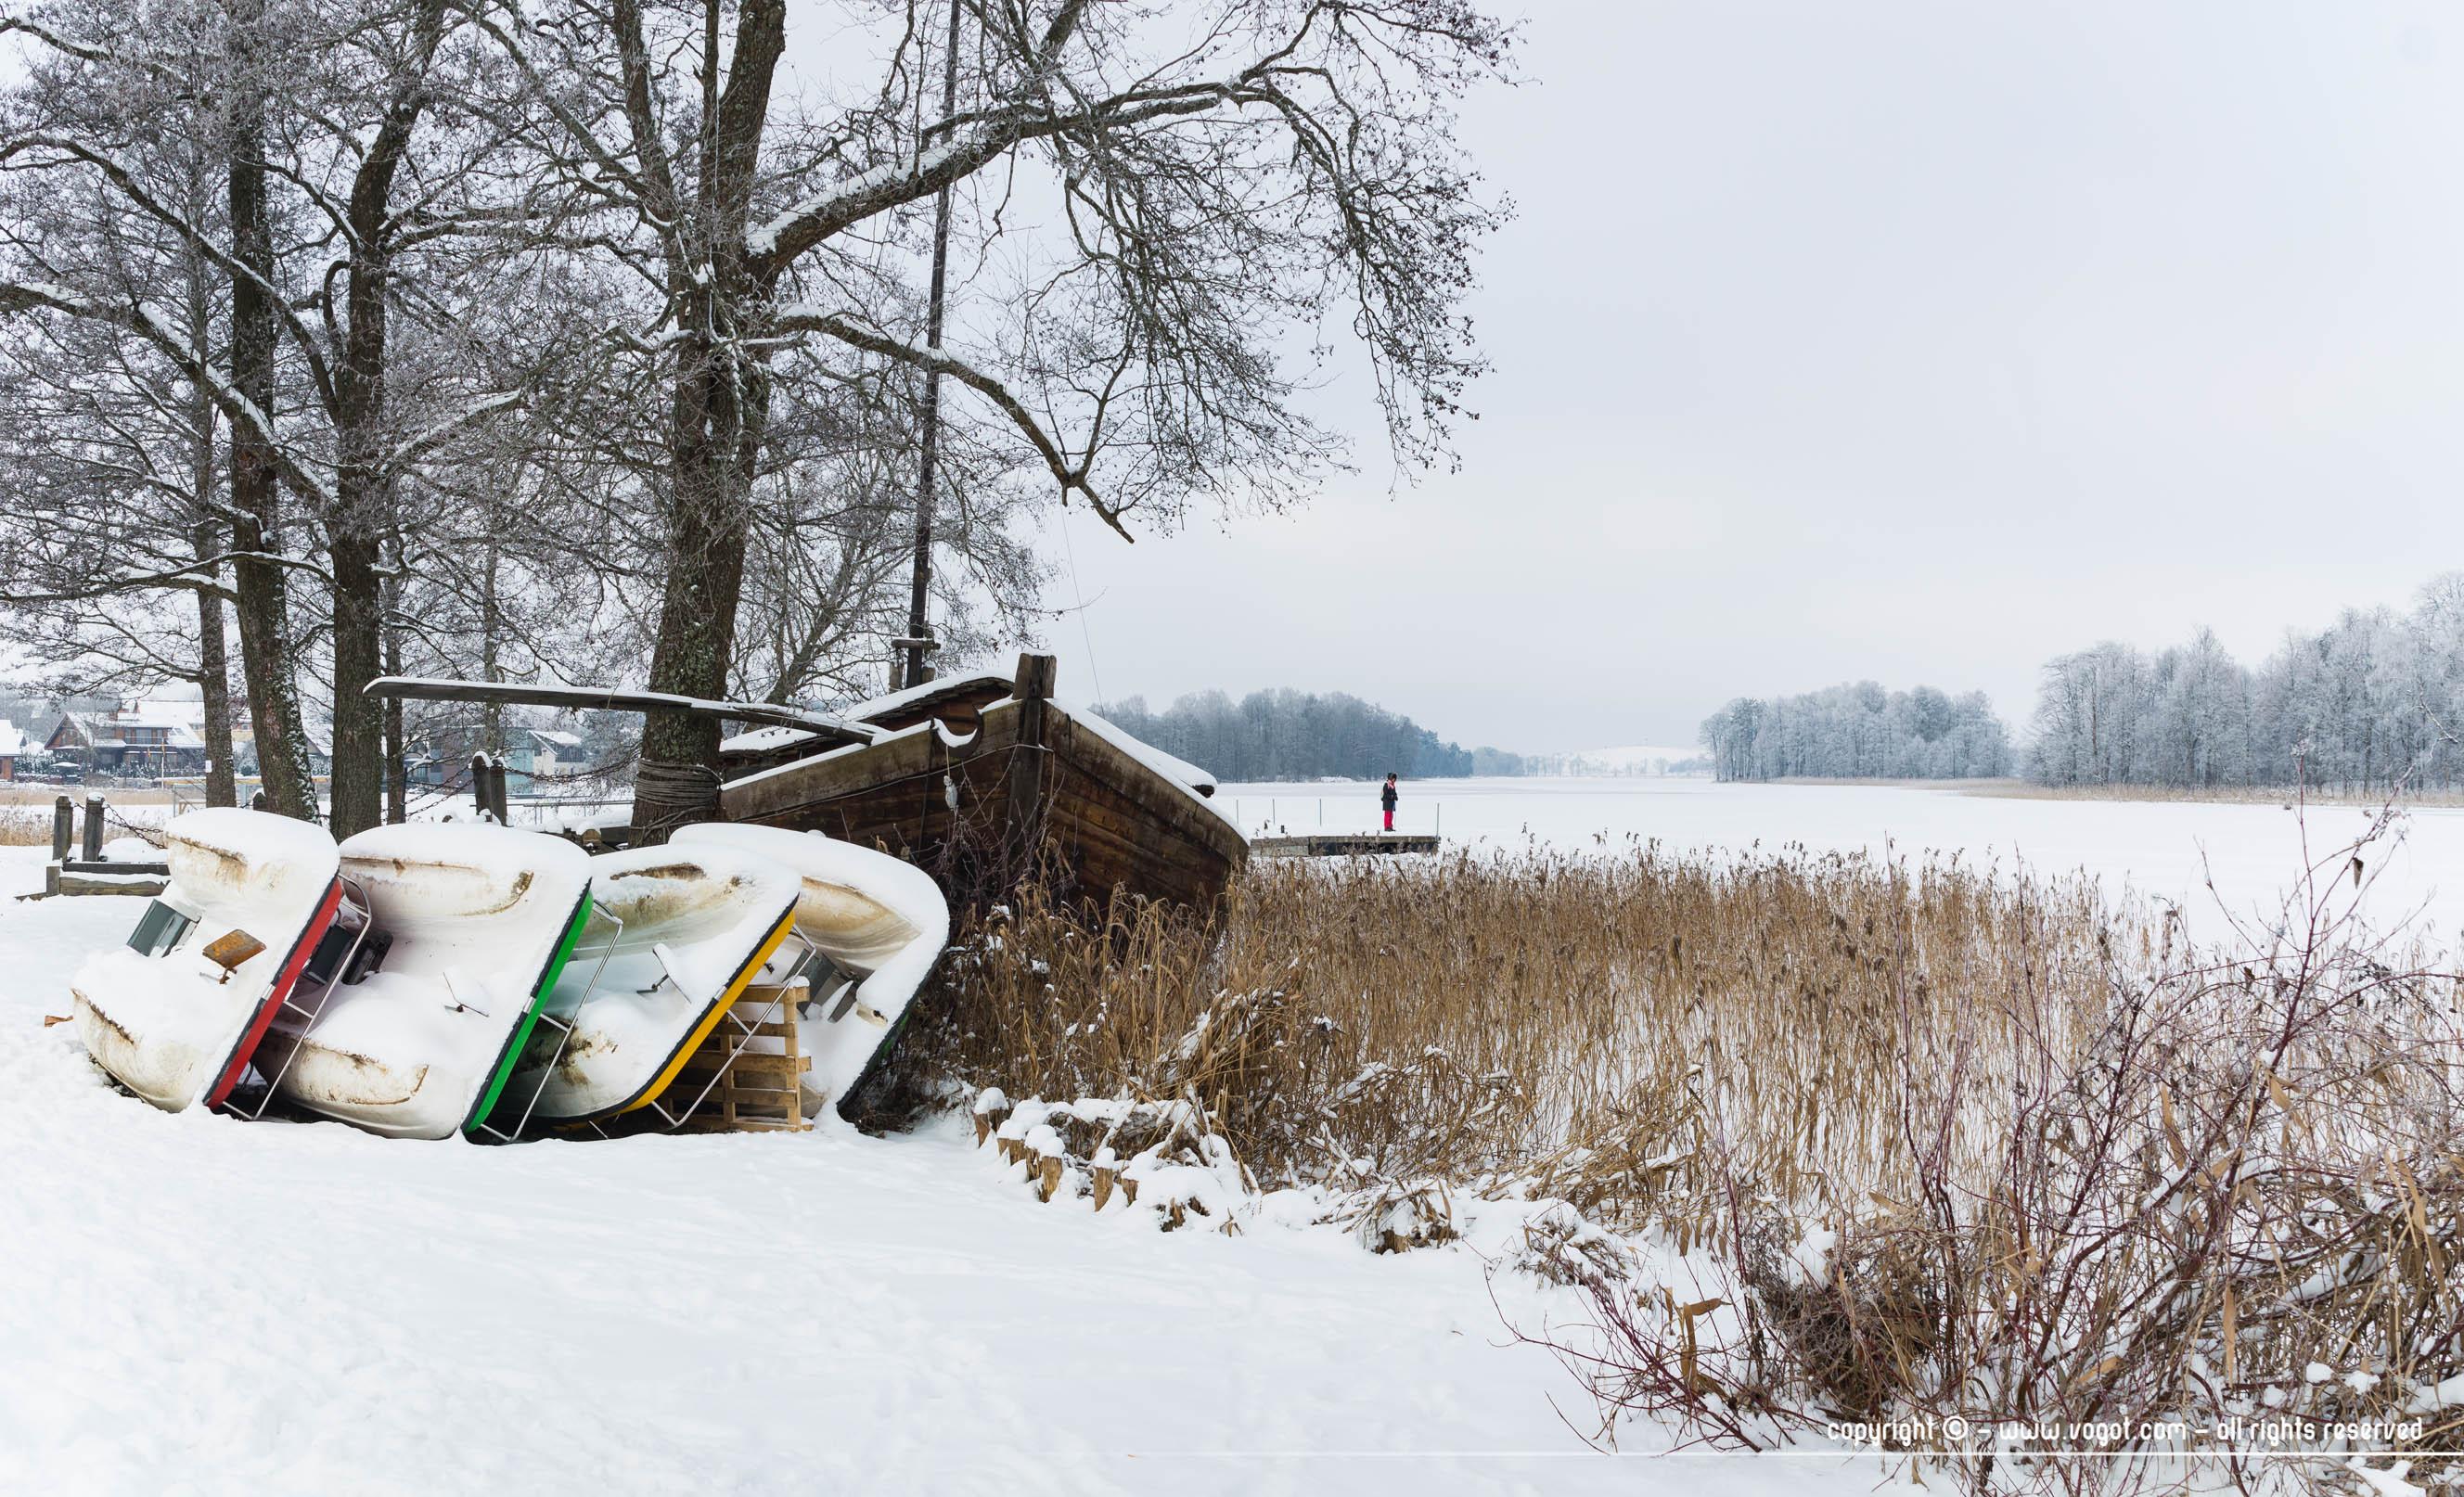 Petites embarcations recouvertes de neige le long d'un lac - Trakai